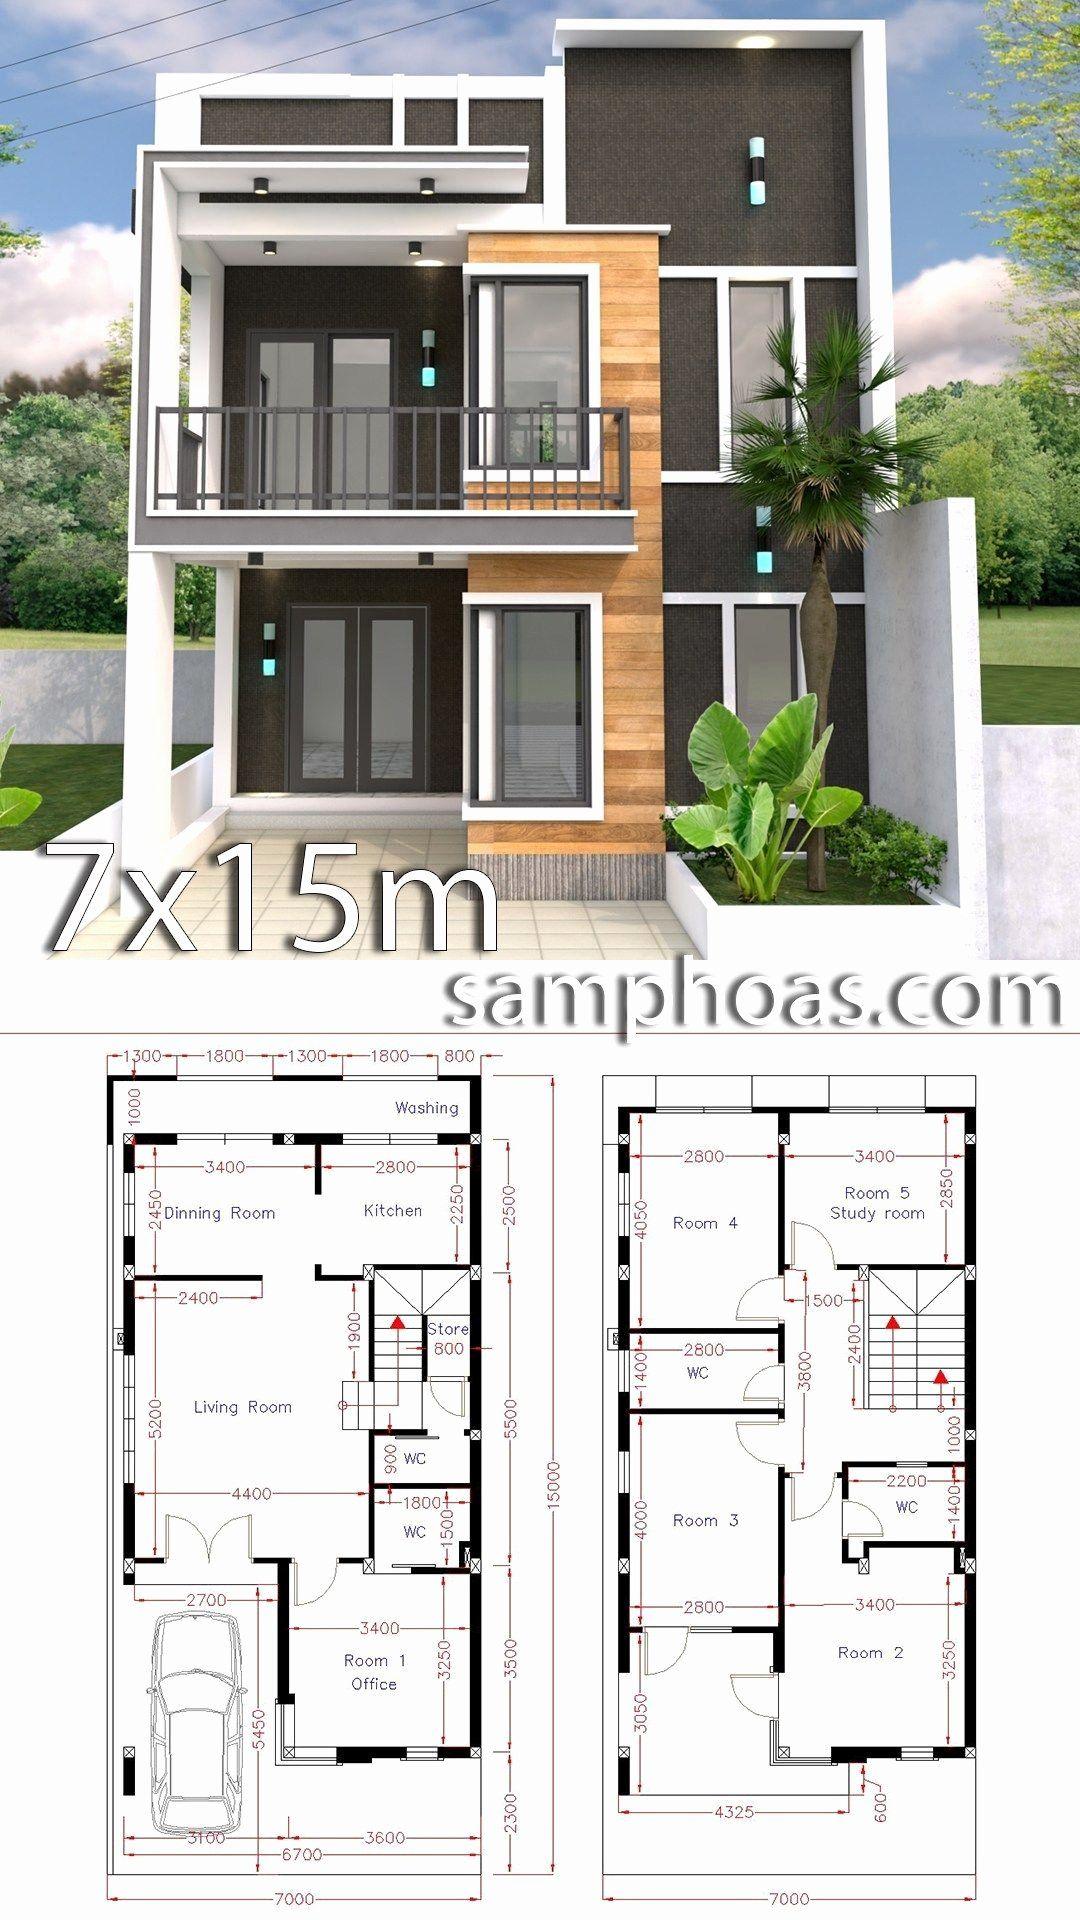 5 Bedroom Duplex House Plans Lovely Home Design Plan 7x15m With 5 Bedrooms Small House Design Plans Duplex House Design House Construction Plan